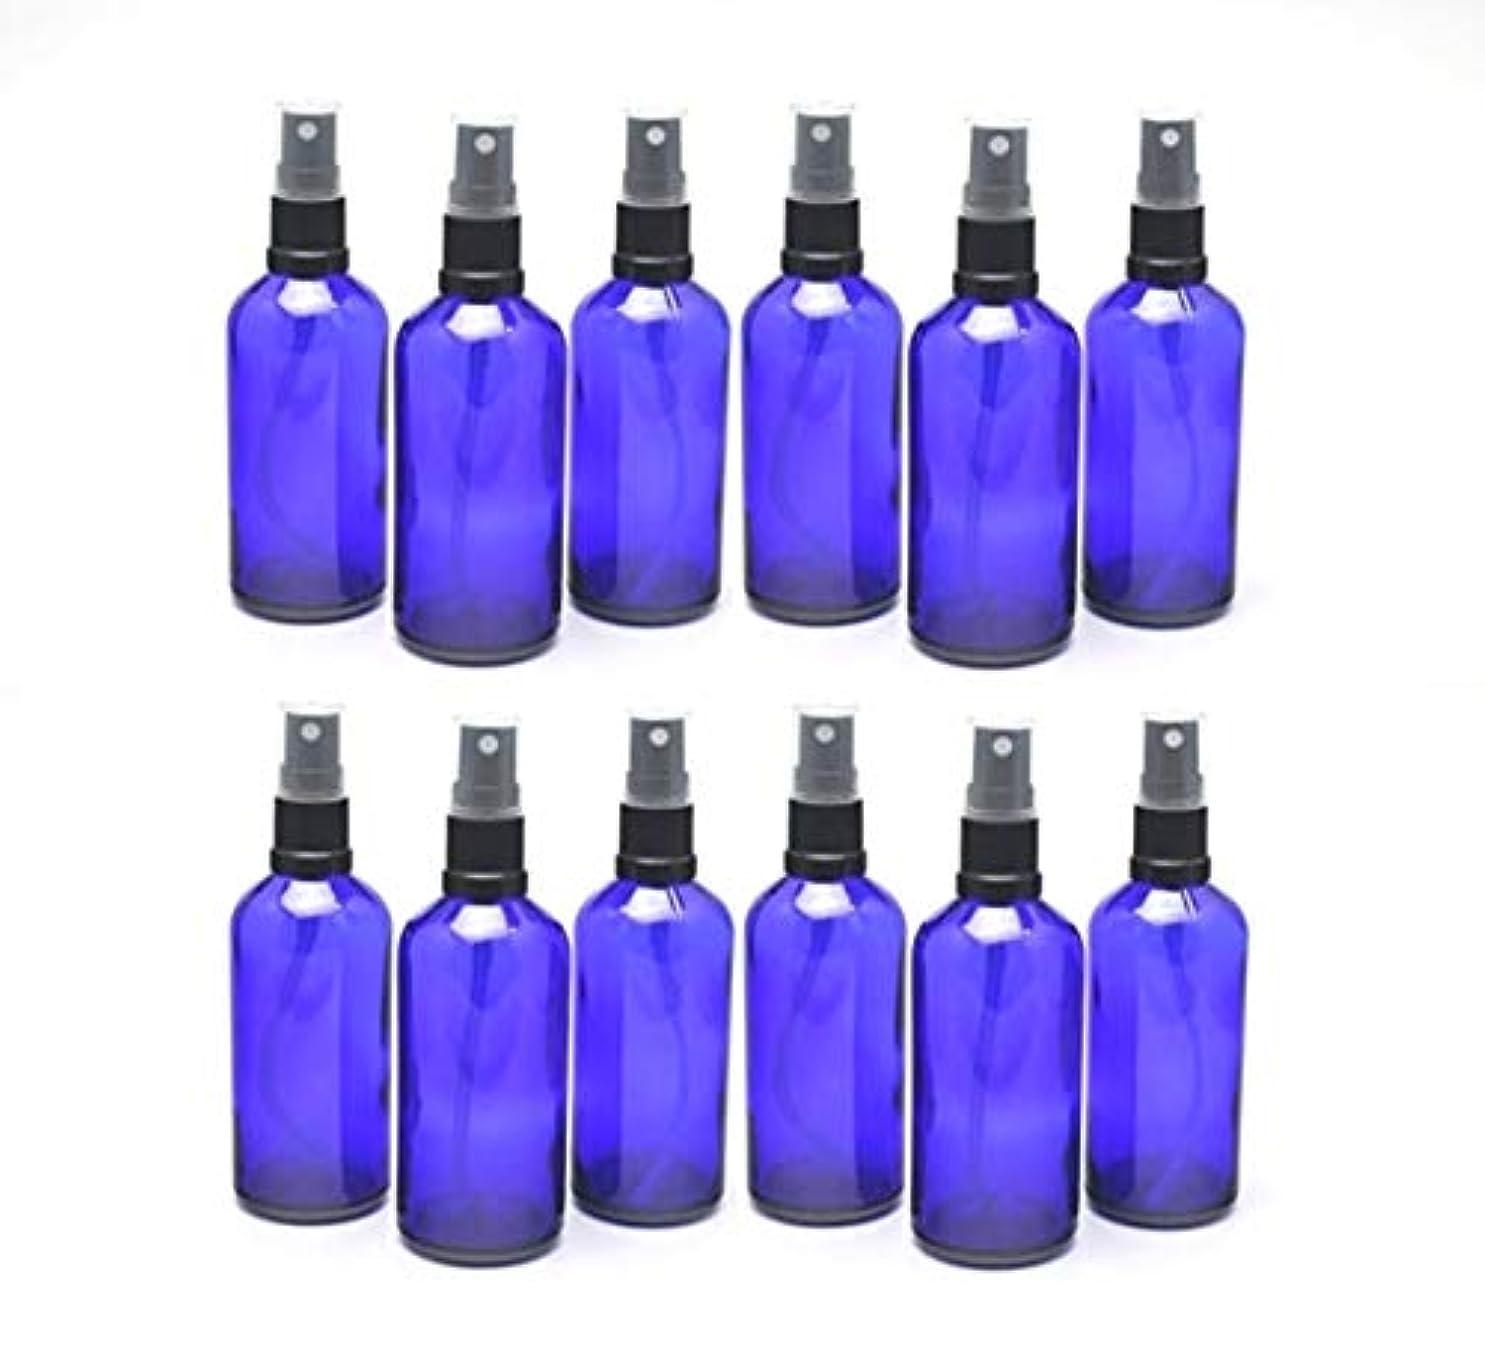 見捨てる印をつける対象遮光瓶 スプレーボトル 100ml / コバルトブルー ?ブラックヘッド (グラス/アトマイザー) 【新品アウトレット商品 】 (4) 12本セット)